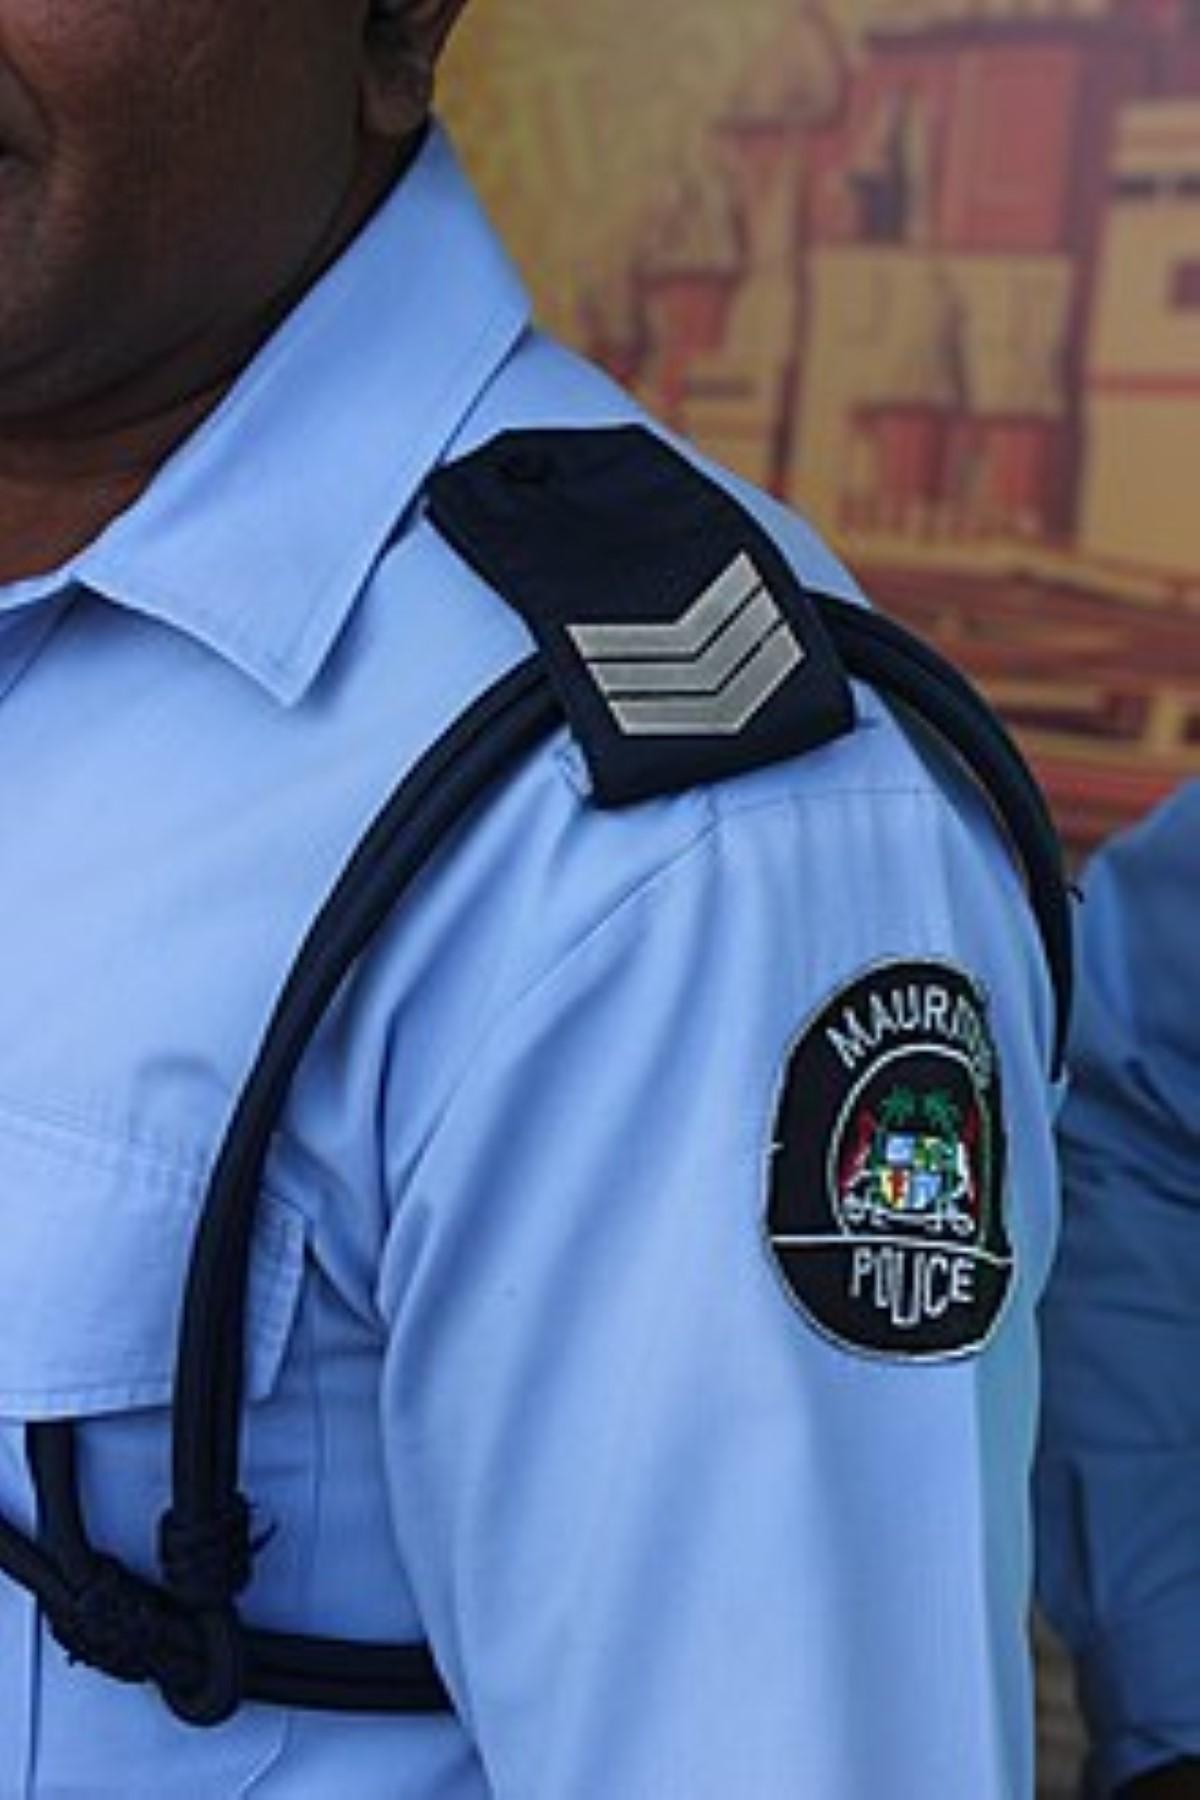 Poudre d'Or : Didier Permes accusé d'agression par un policier